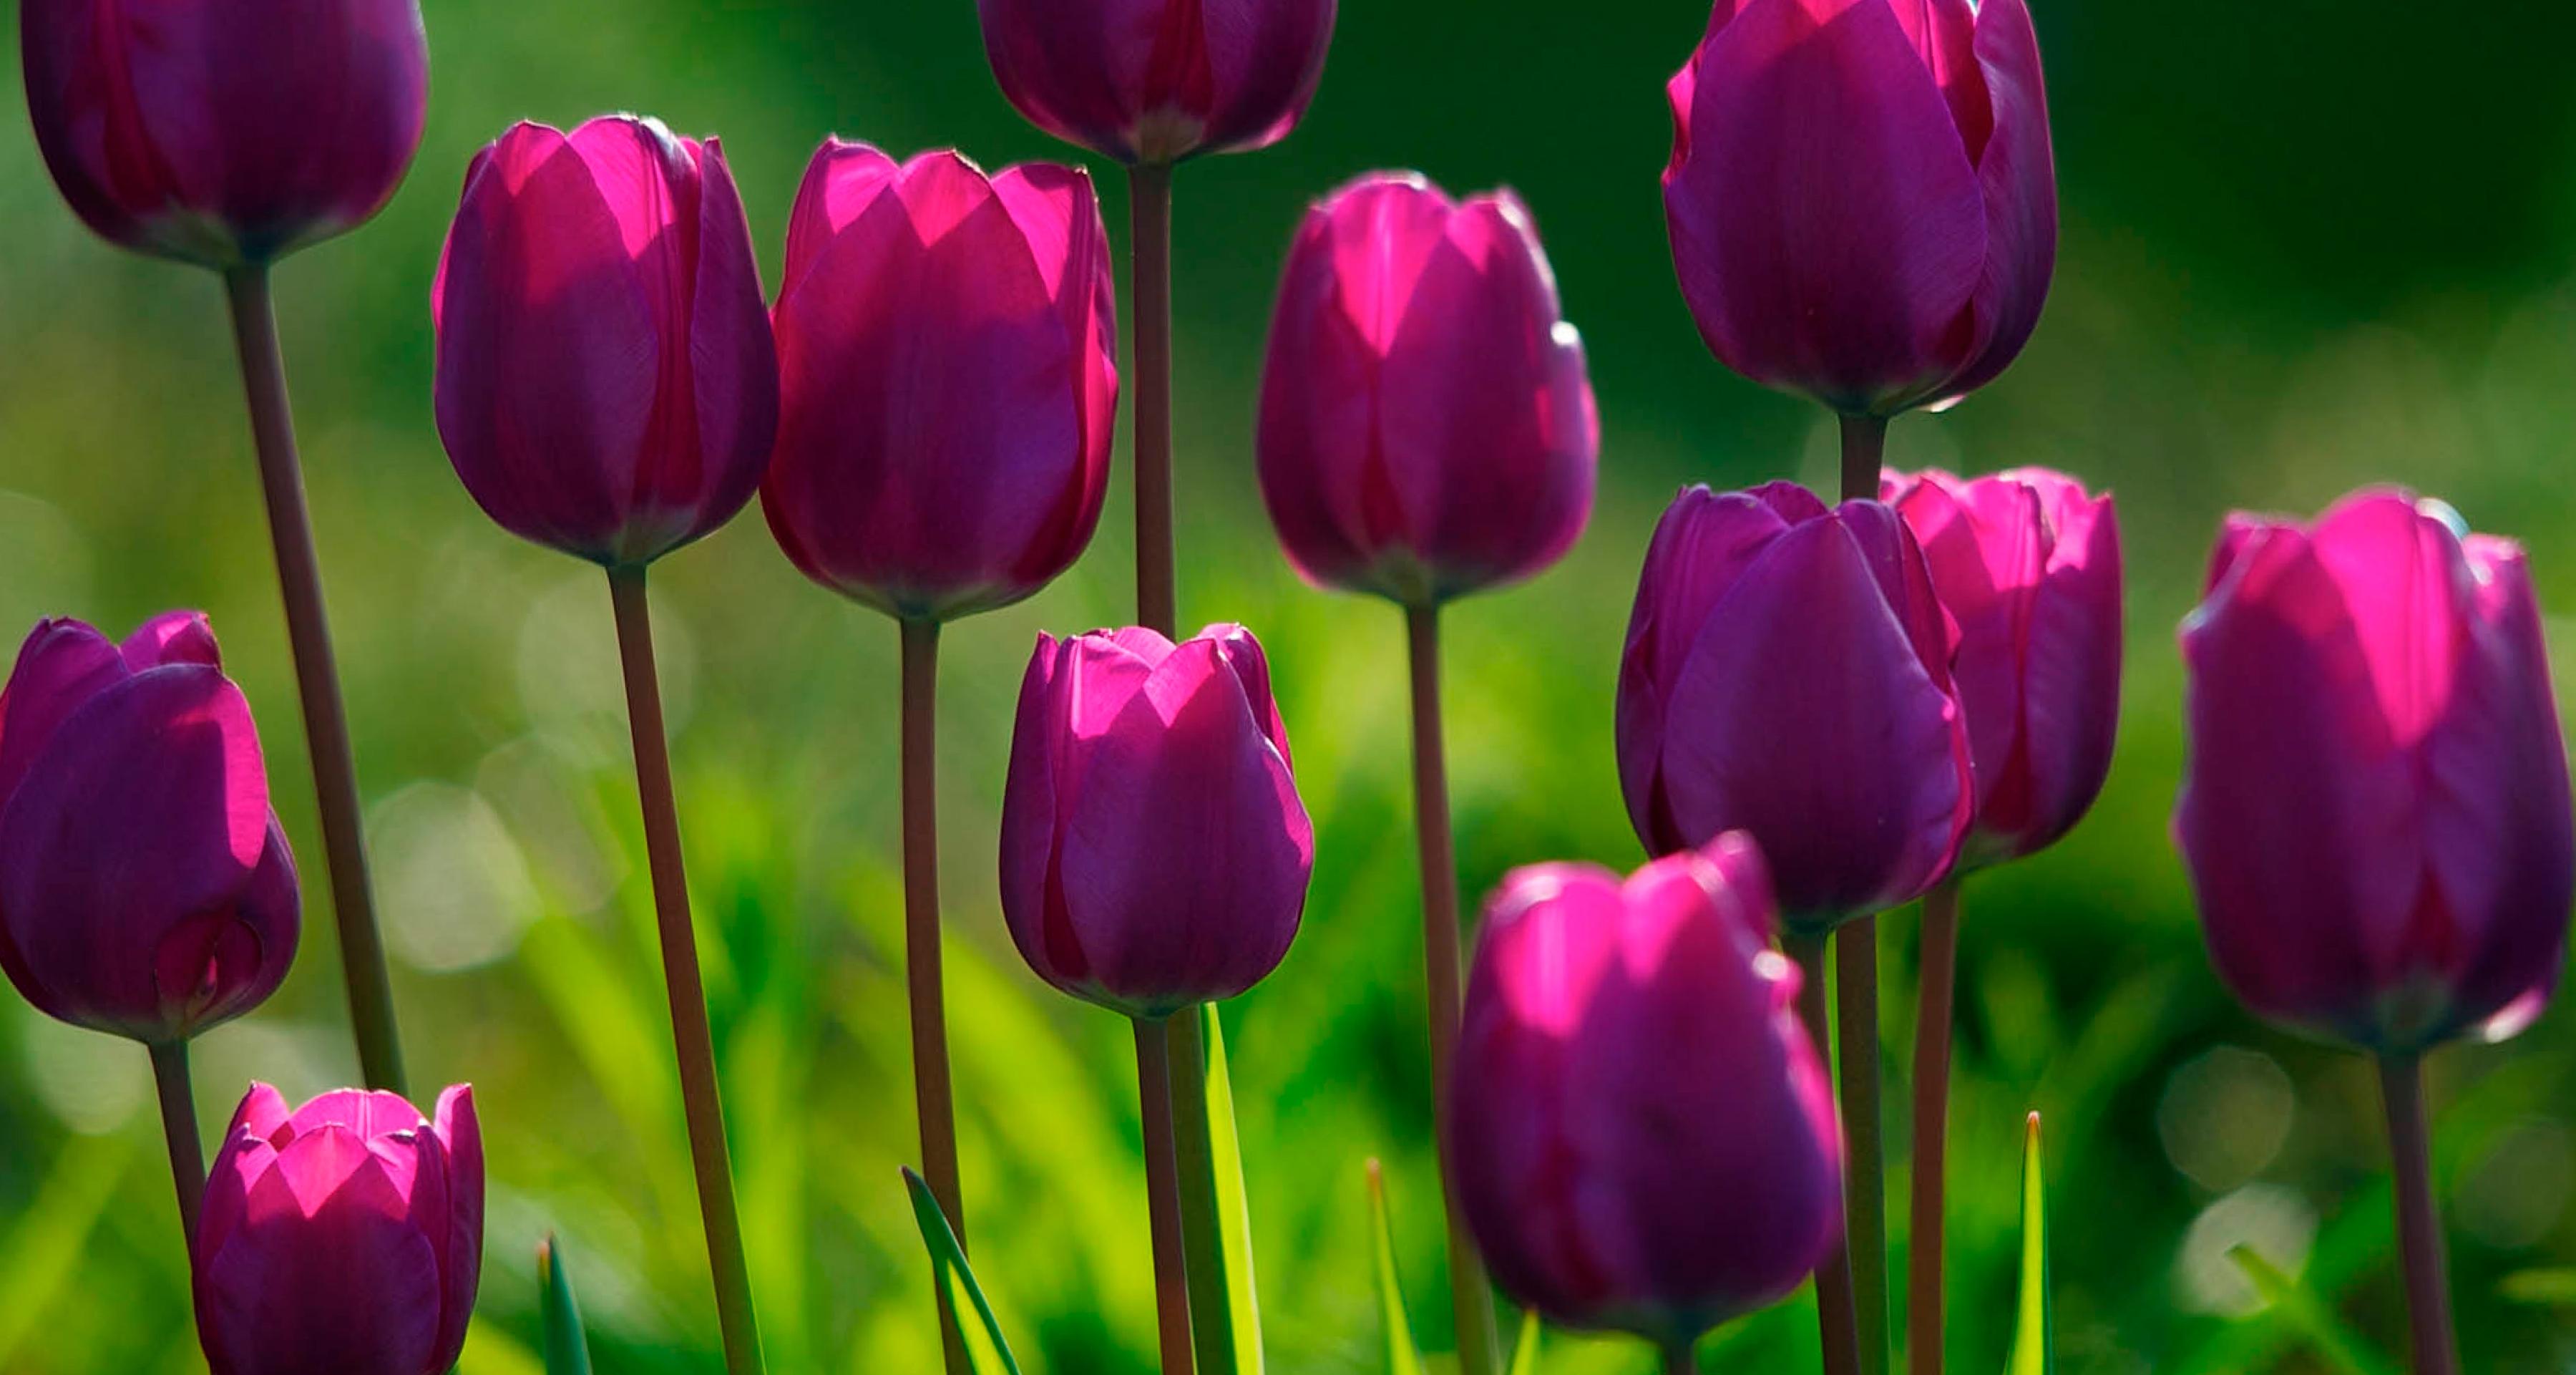 tulip-photo-94